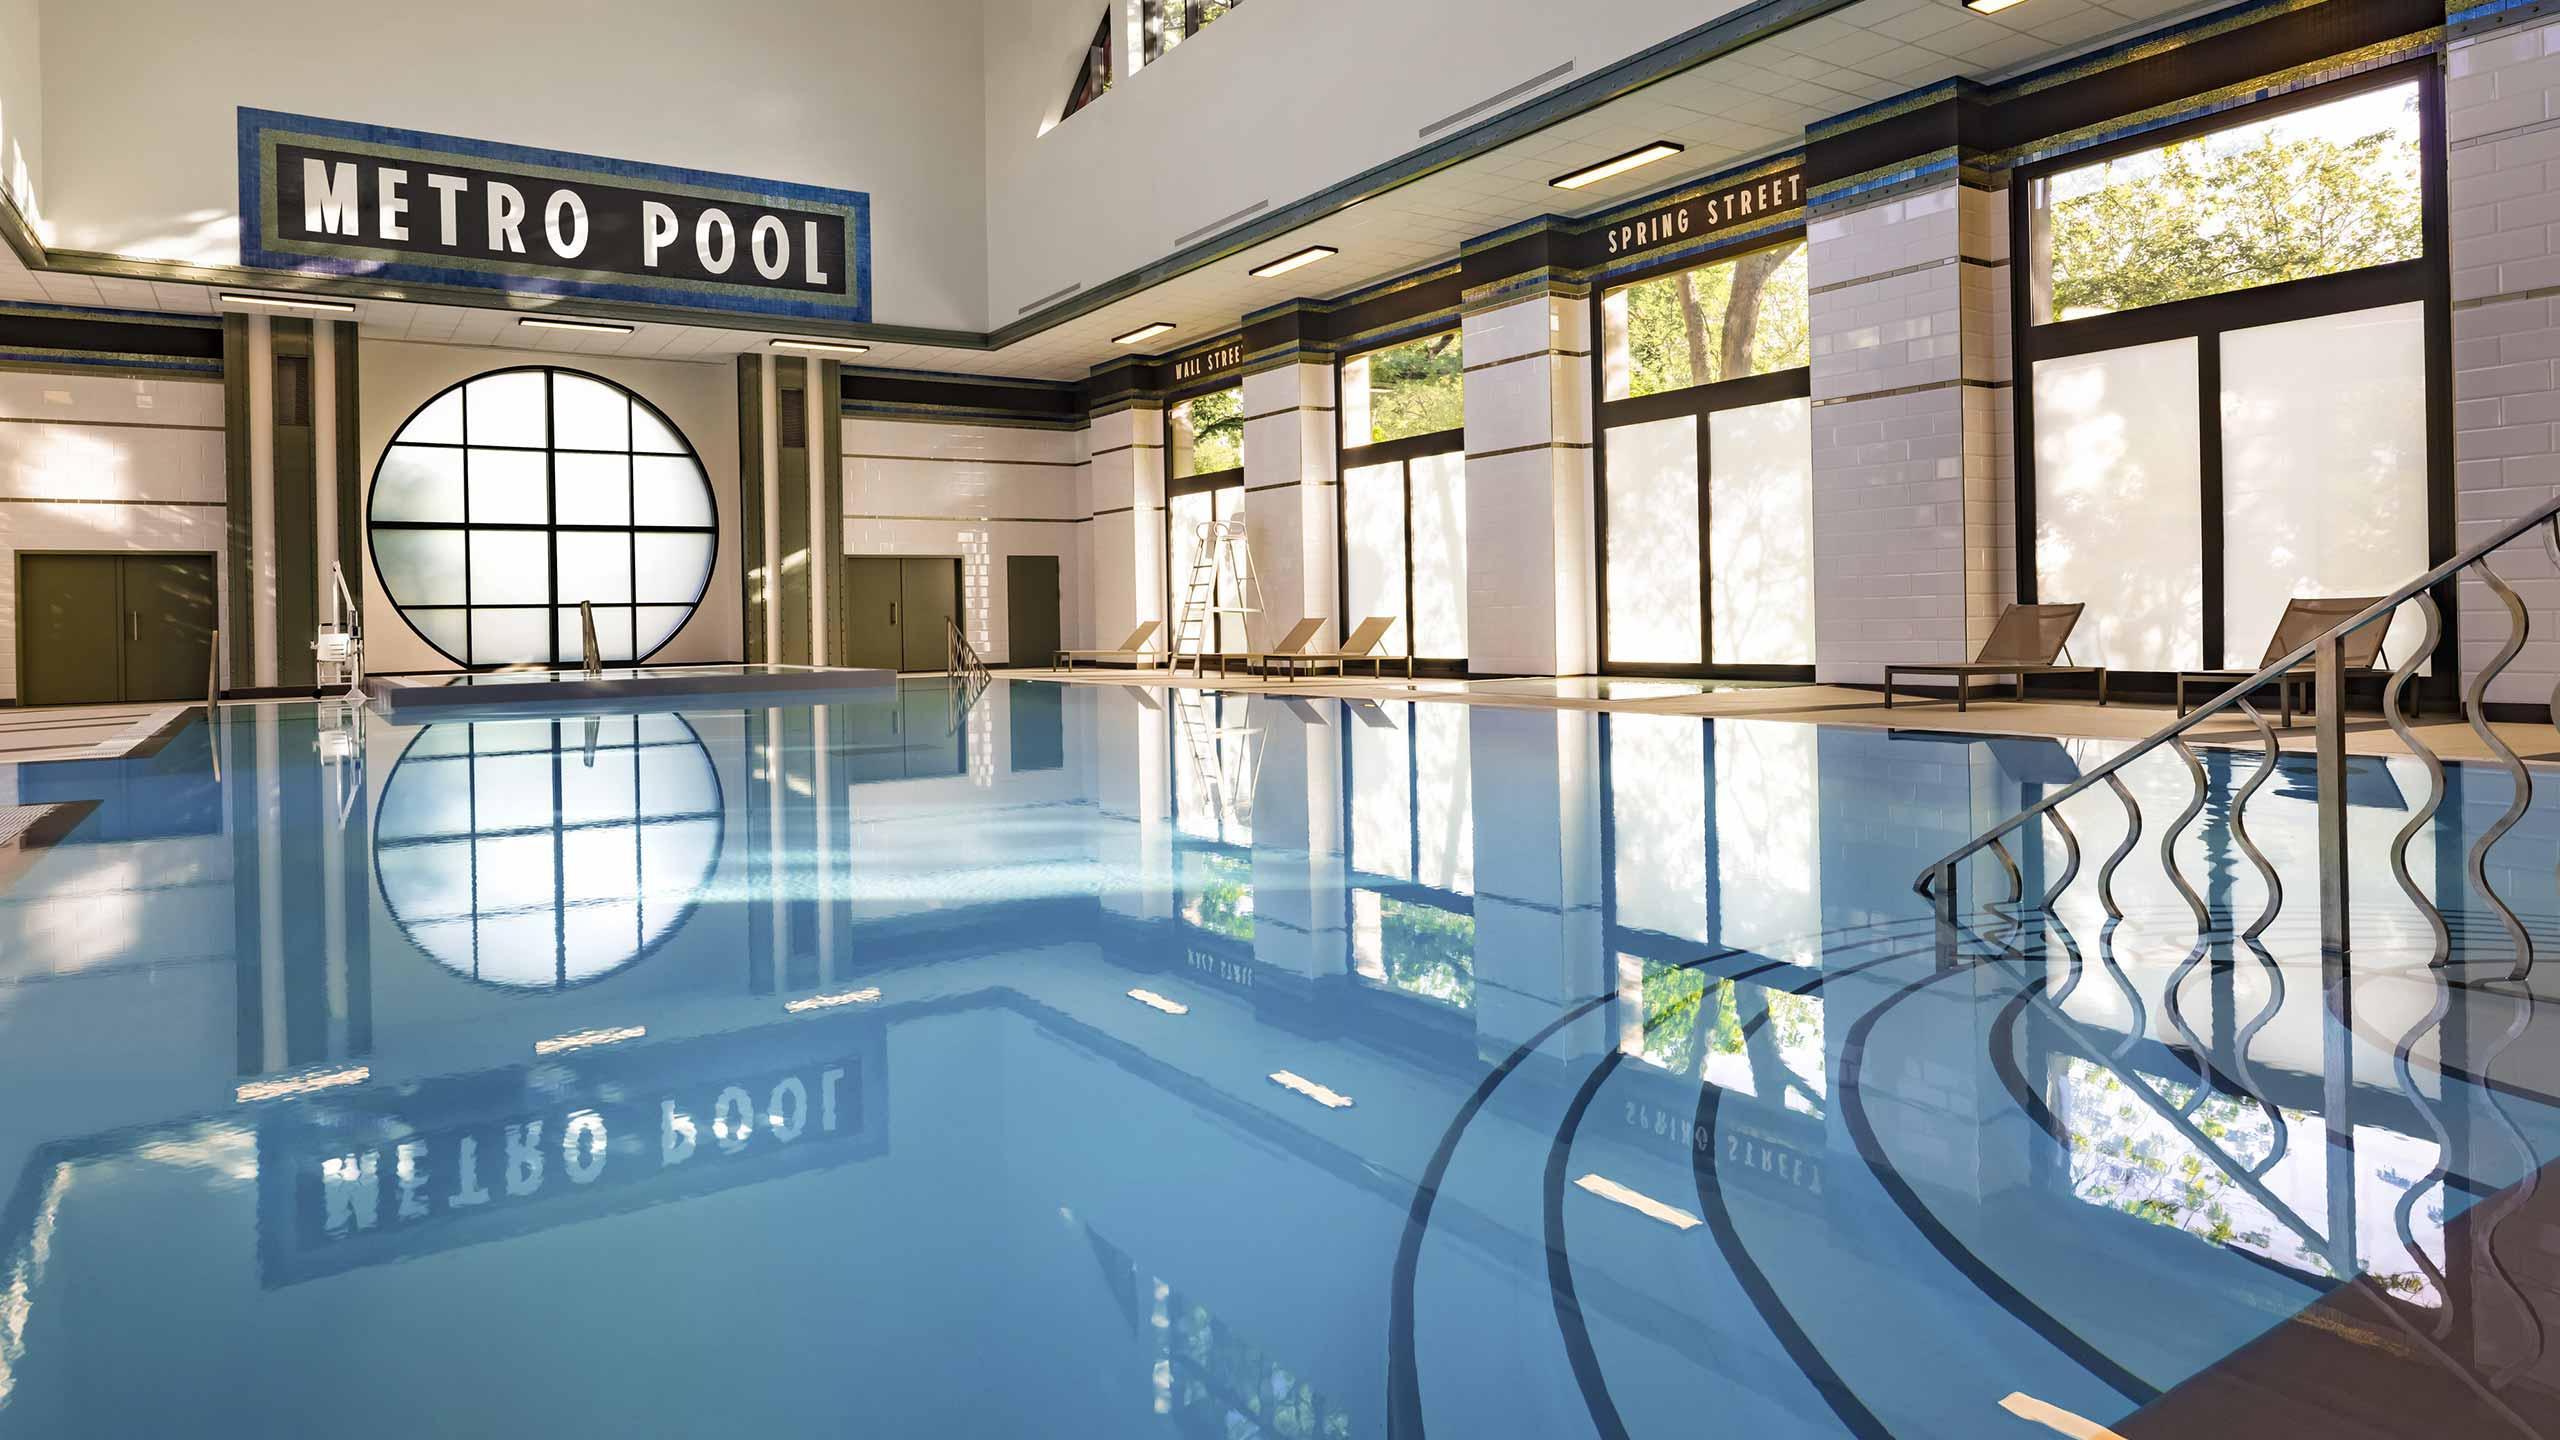 Un espace sportif et une piscine intérieur/extérieur